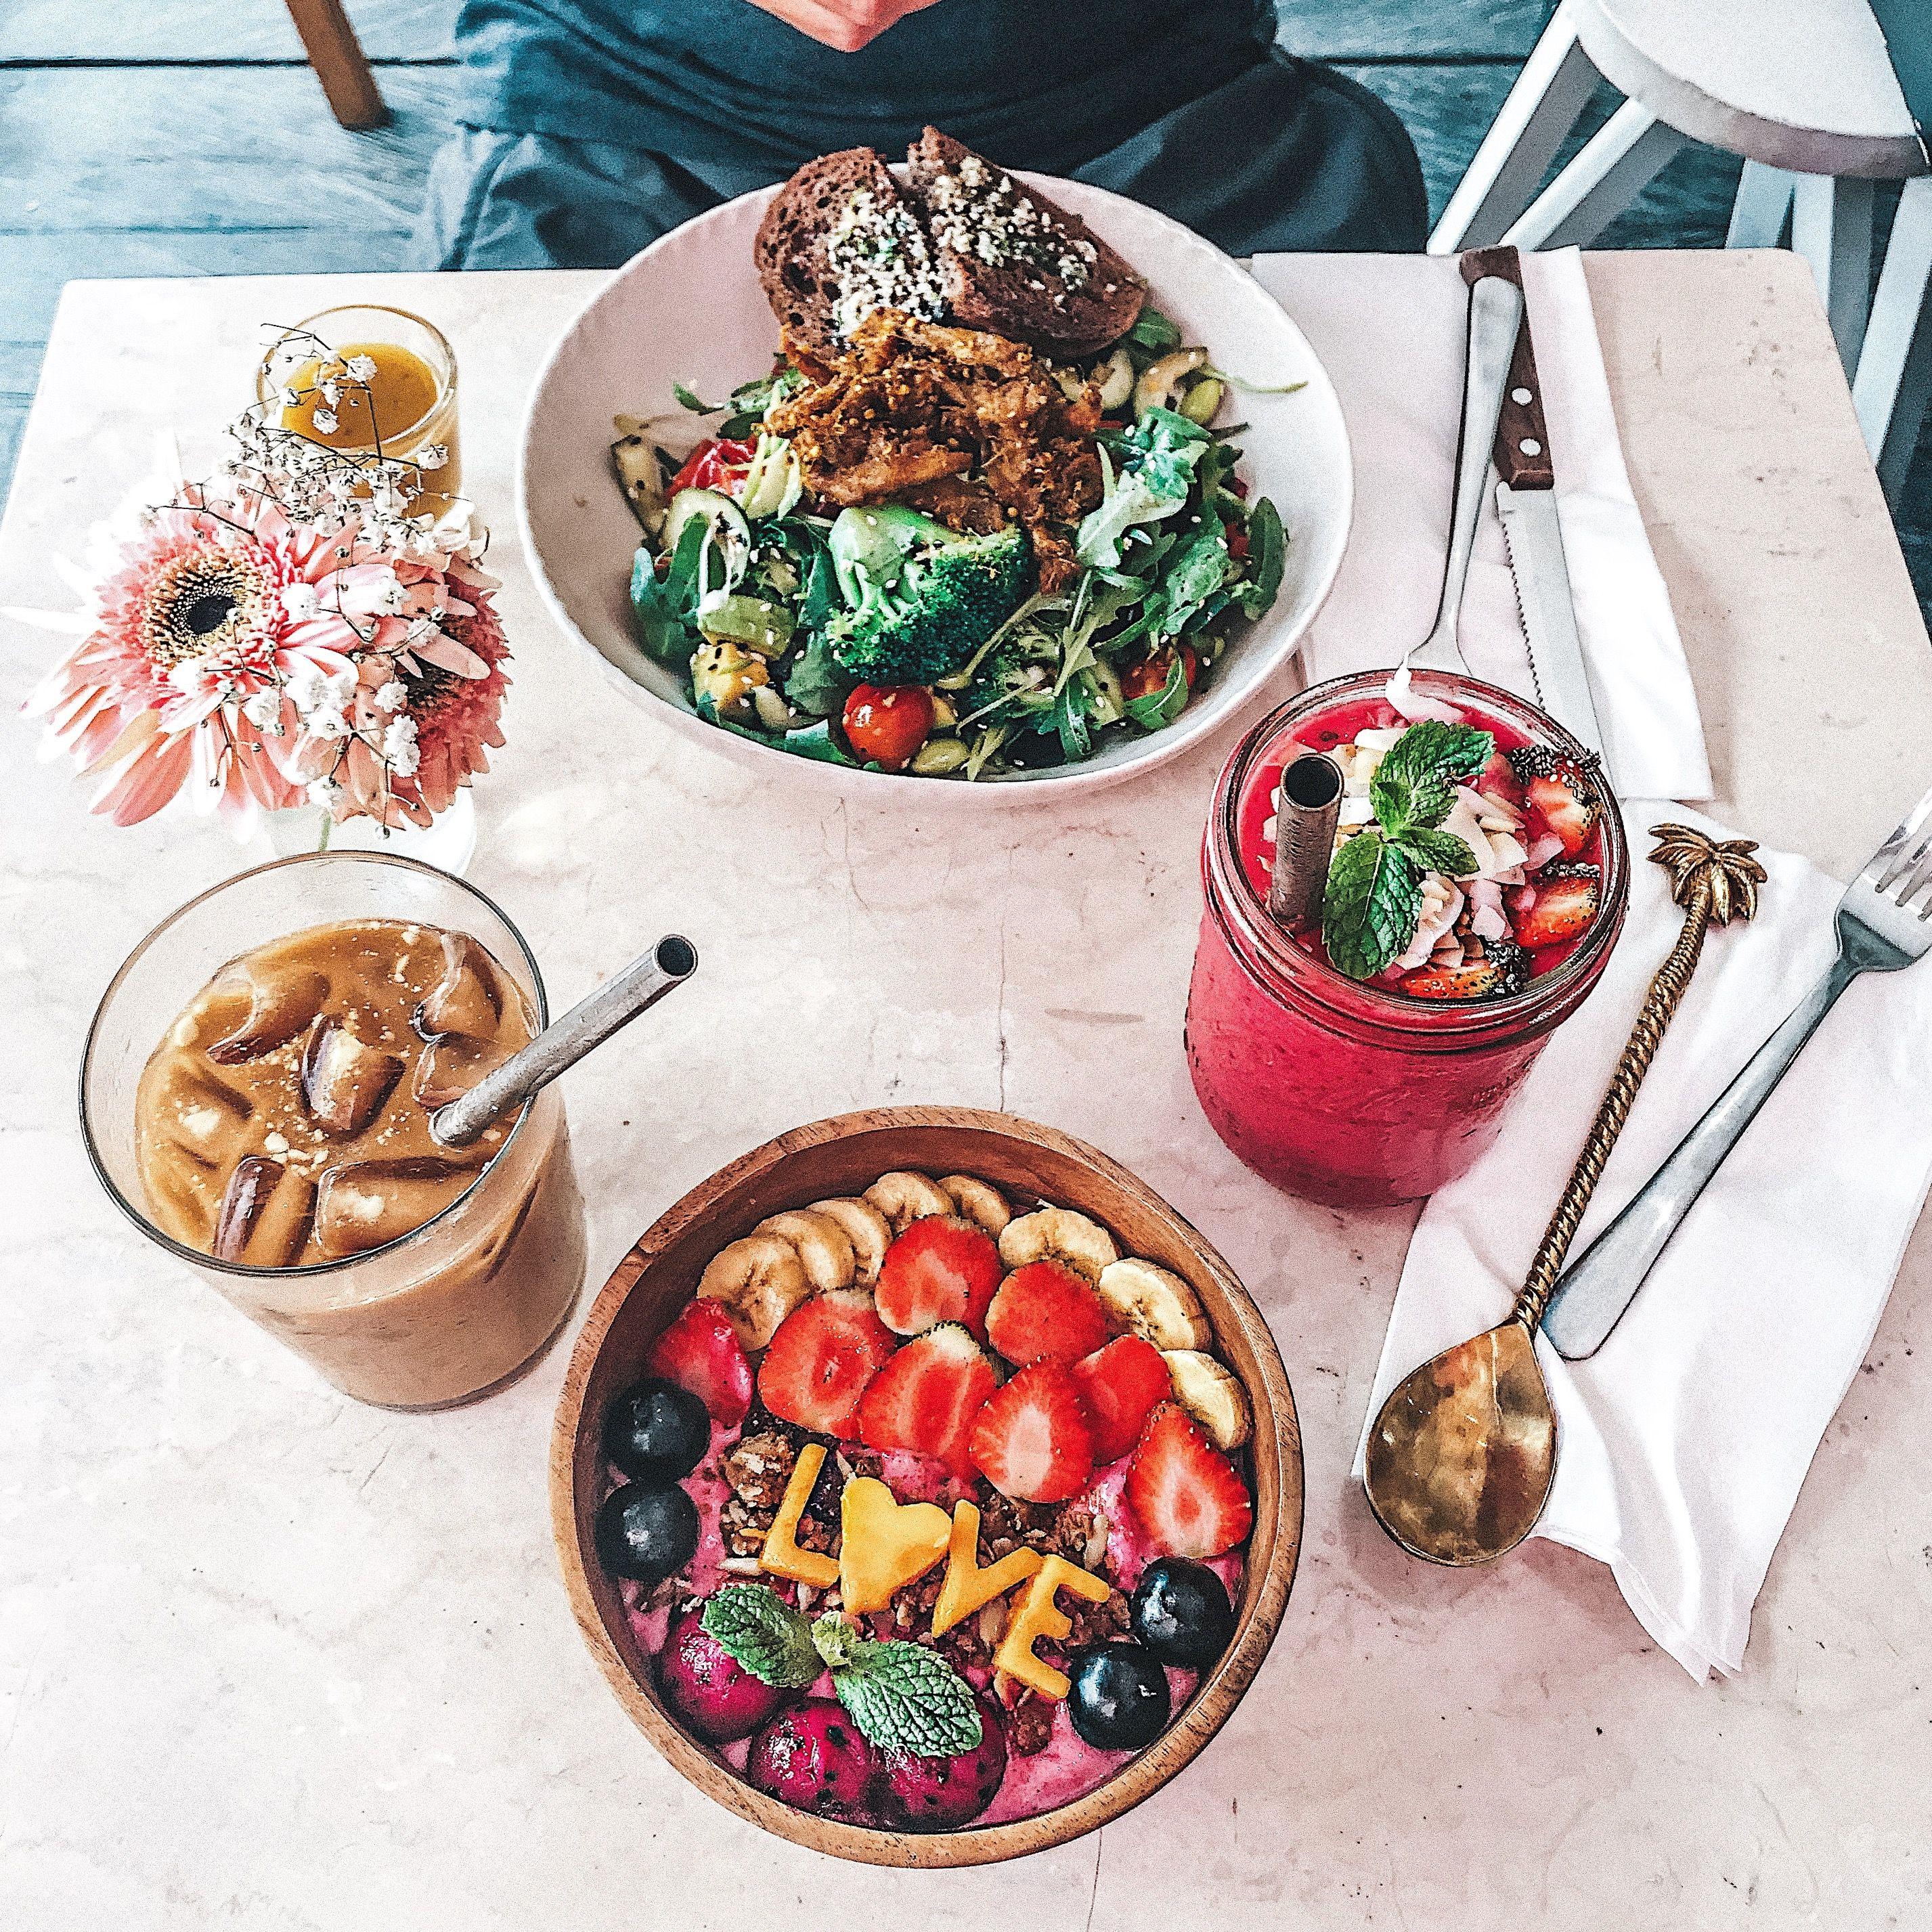 Bali Food Seminyak Kynd Community Food Lecker!♡ in